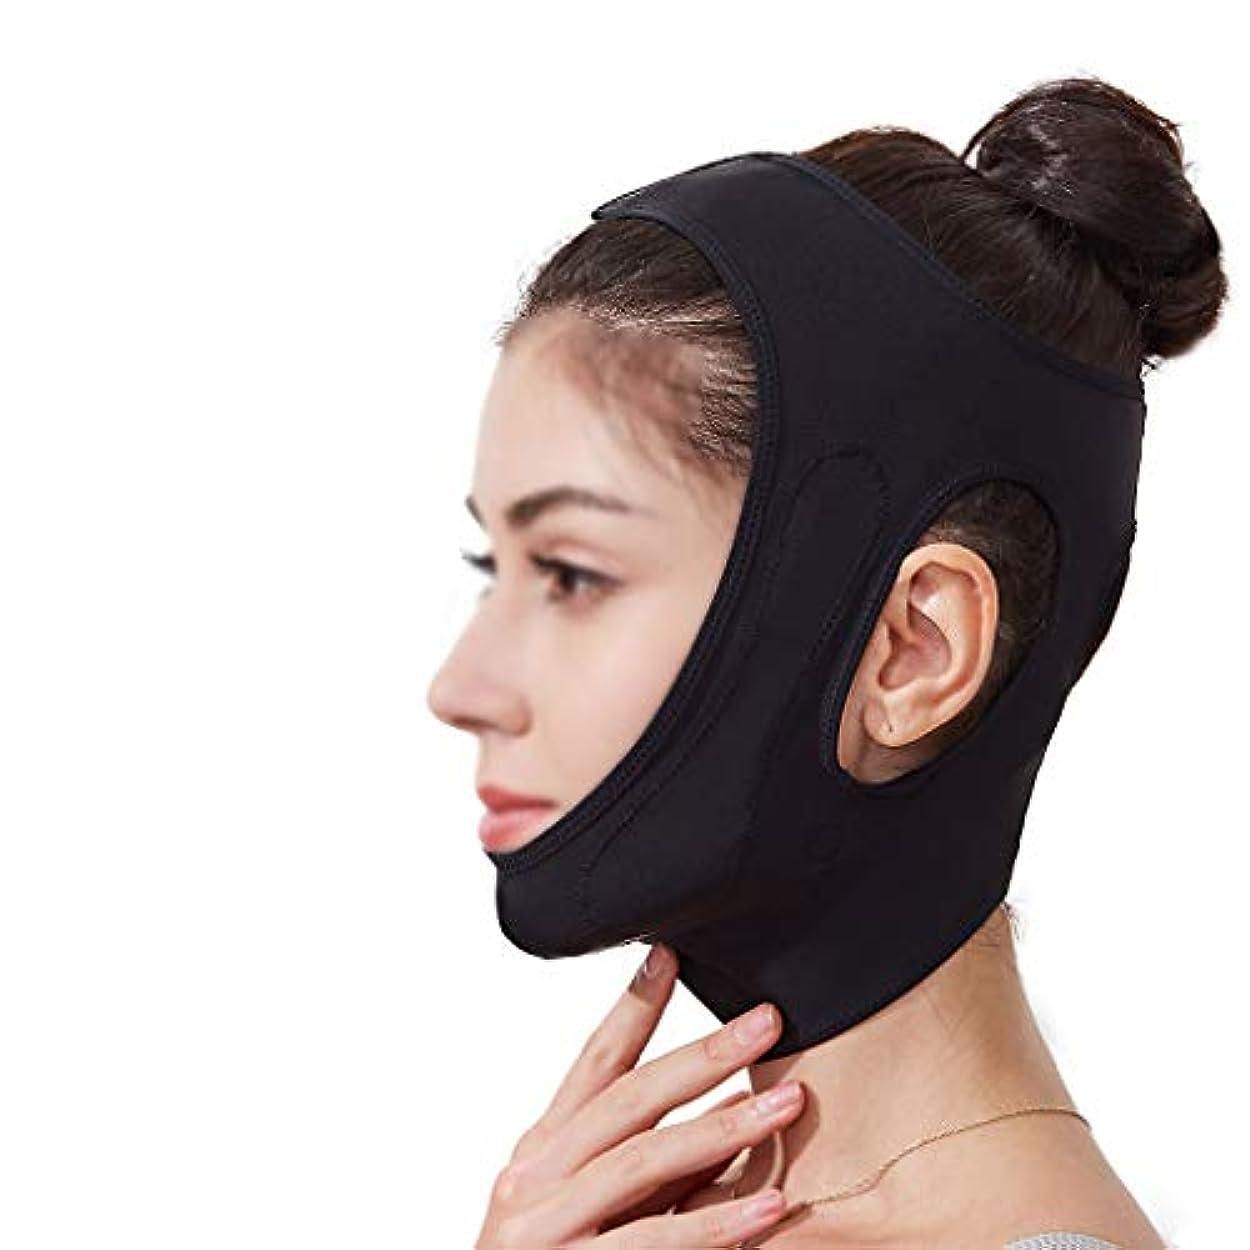 パワーセル直立効率的にGLJJQMY フェイスリフティング包帯フェイシャルチークV字型リフティングマスクアンチシワは、小さなVフェイスを作成するために二重あごの快適な包帯を削減 顔用整形マスク (Color : Black)